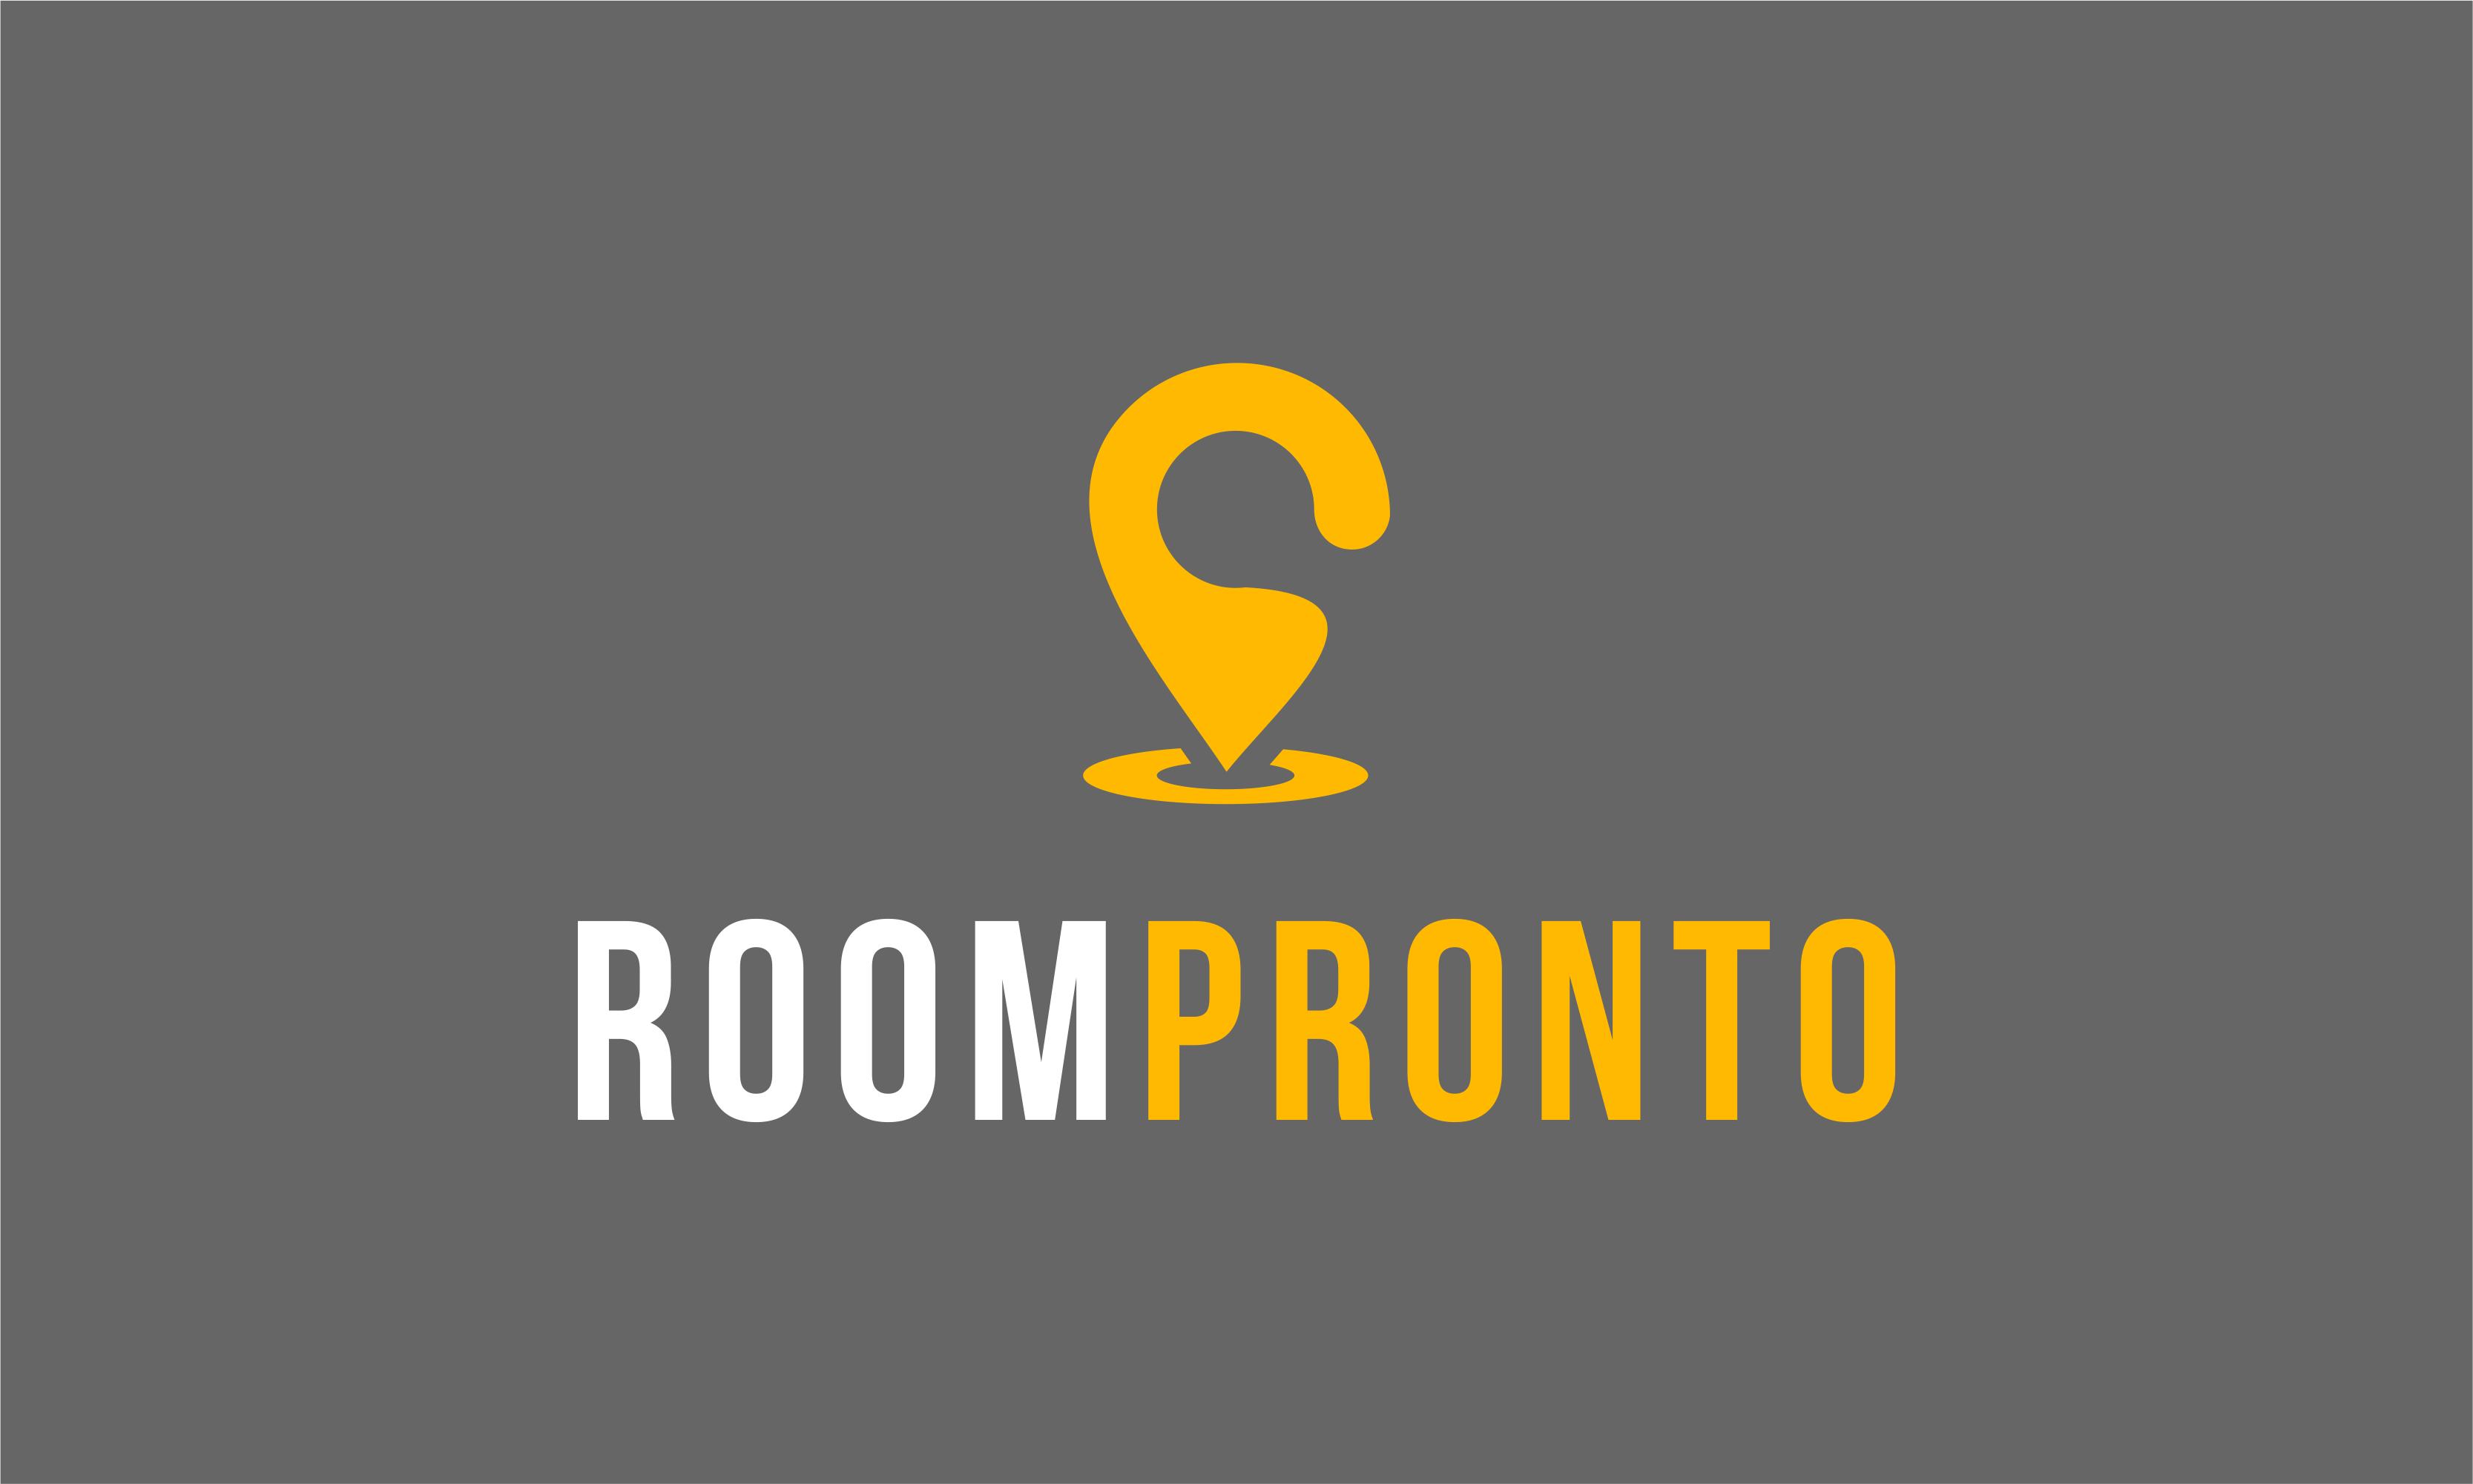 Roompronto